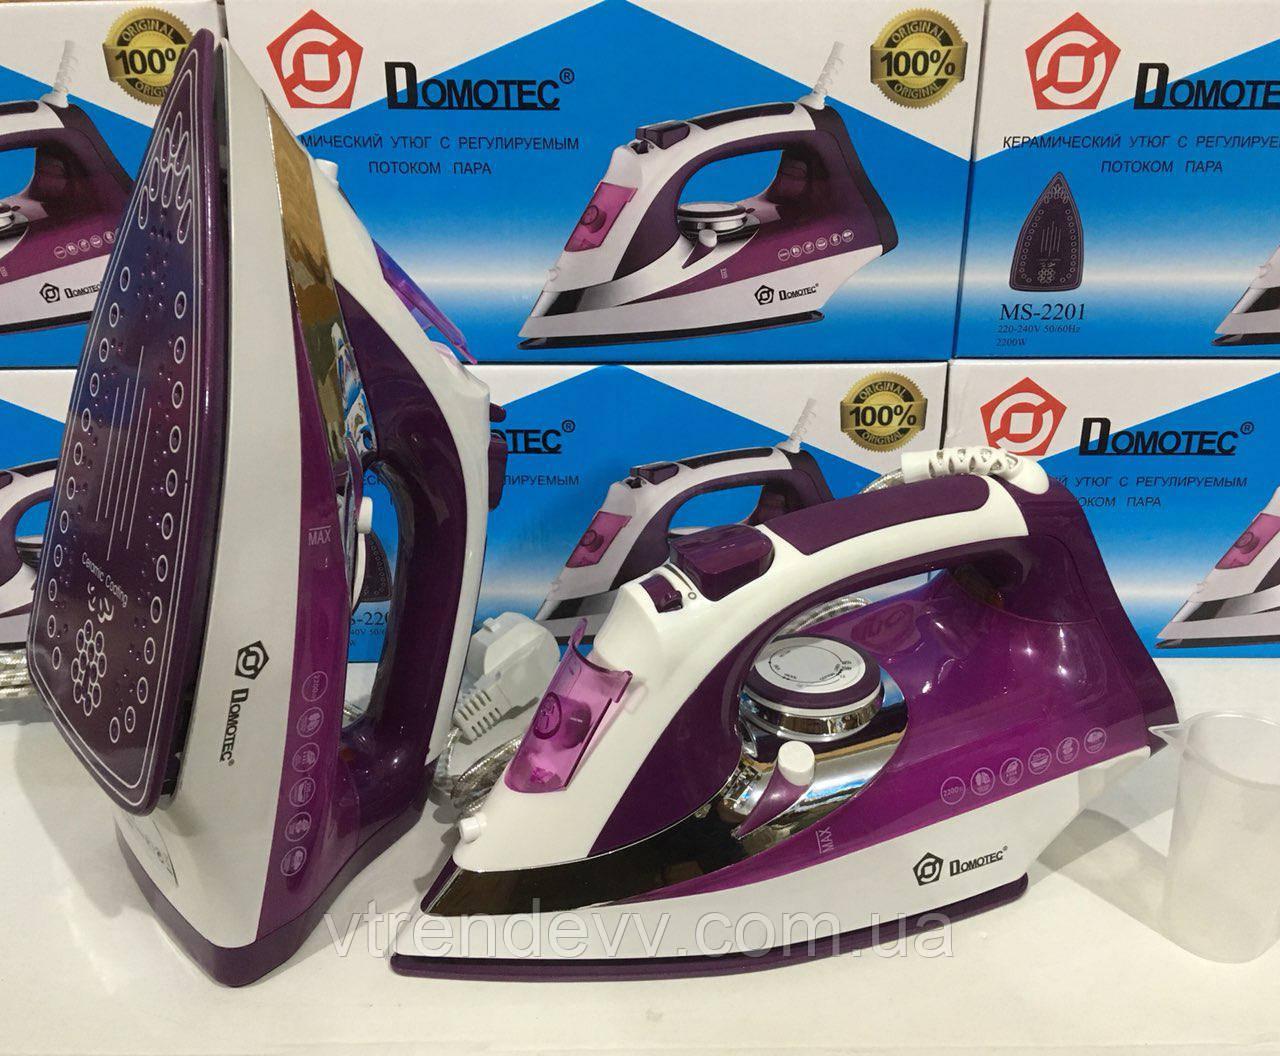 Утюг Domotec MS-2201 2200W